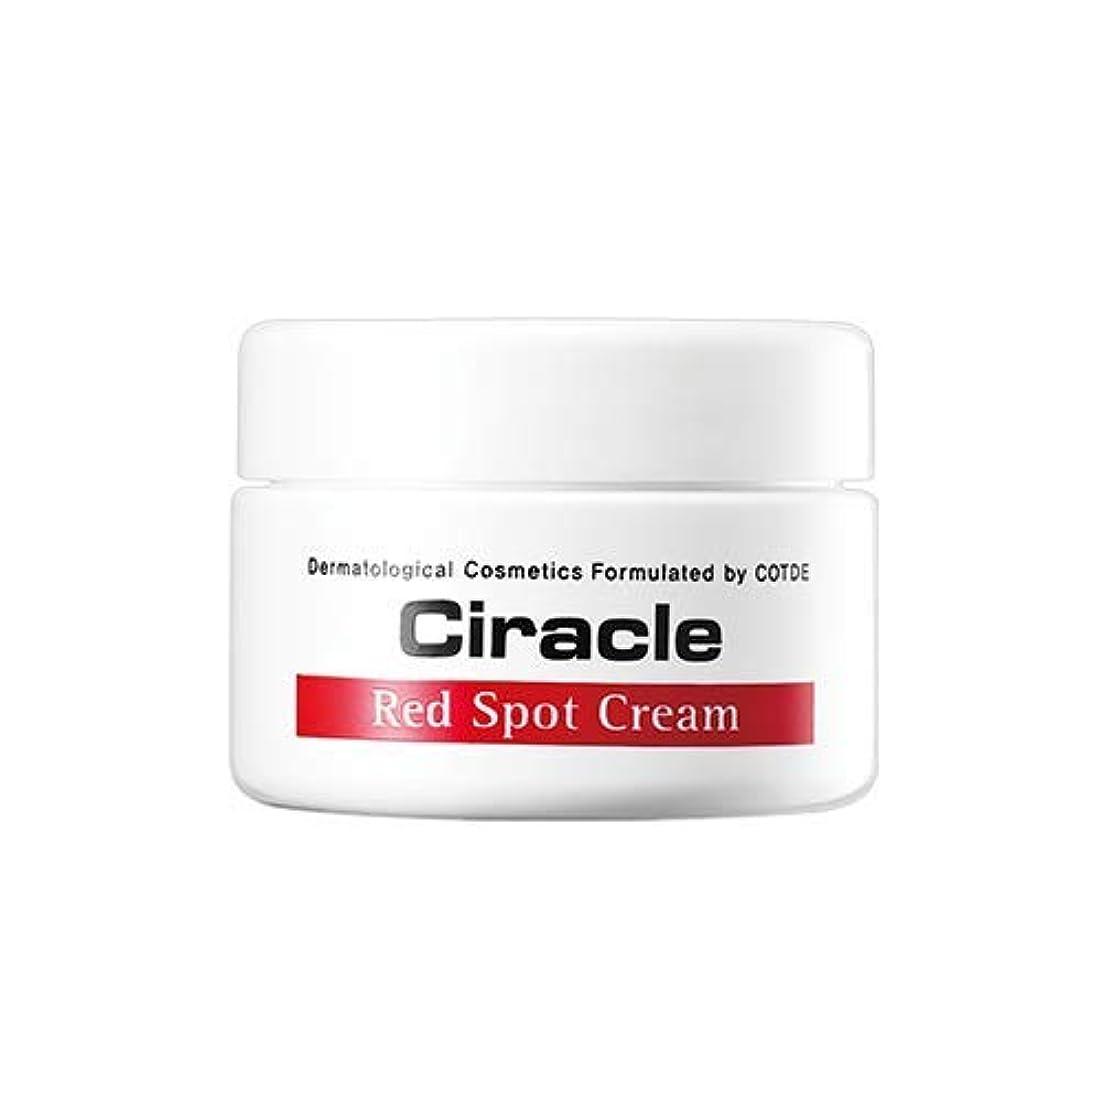 を必要としています到着する世界的にCiracle Red Spot Cream 30ml Trouble Skin Beauty Product by Skin Product [並行輸入品]